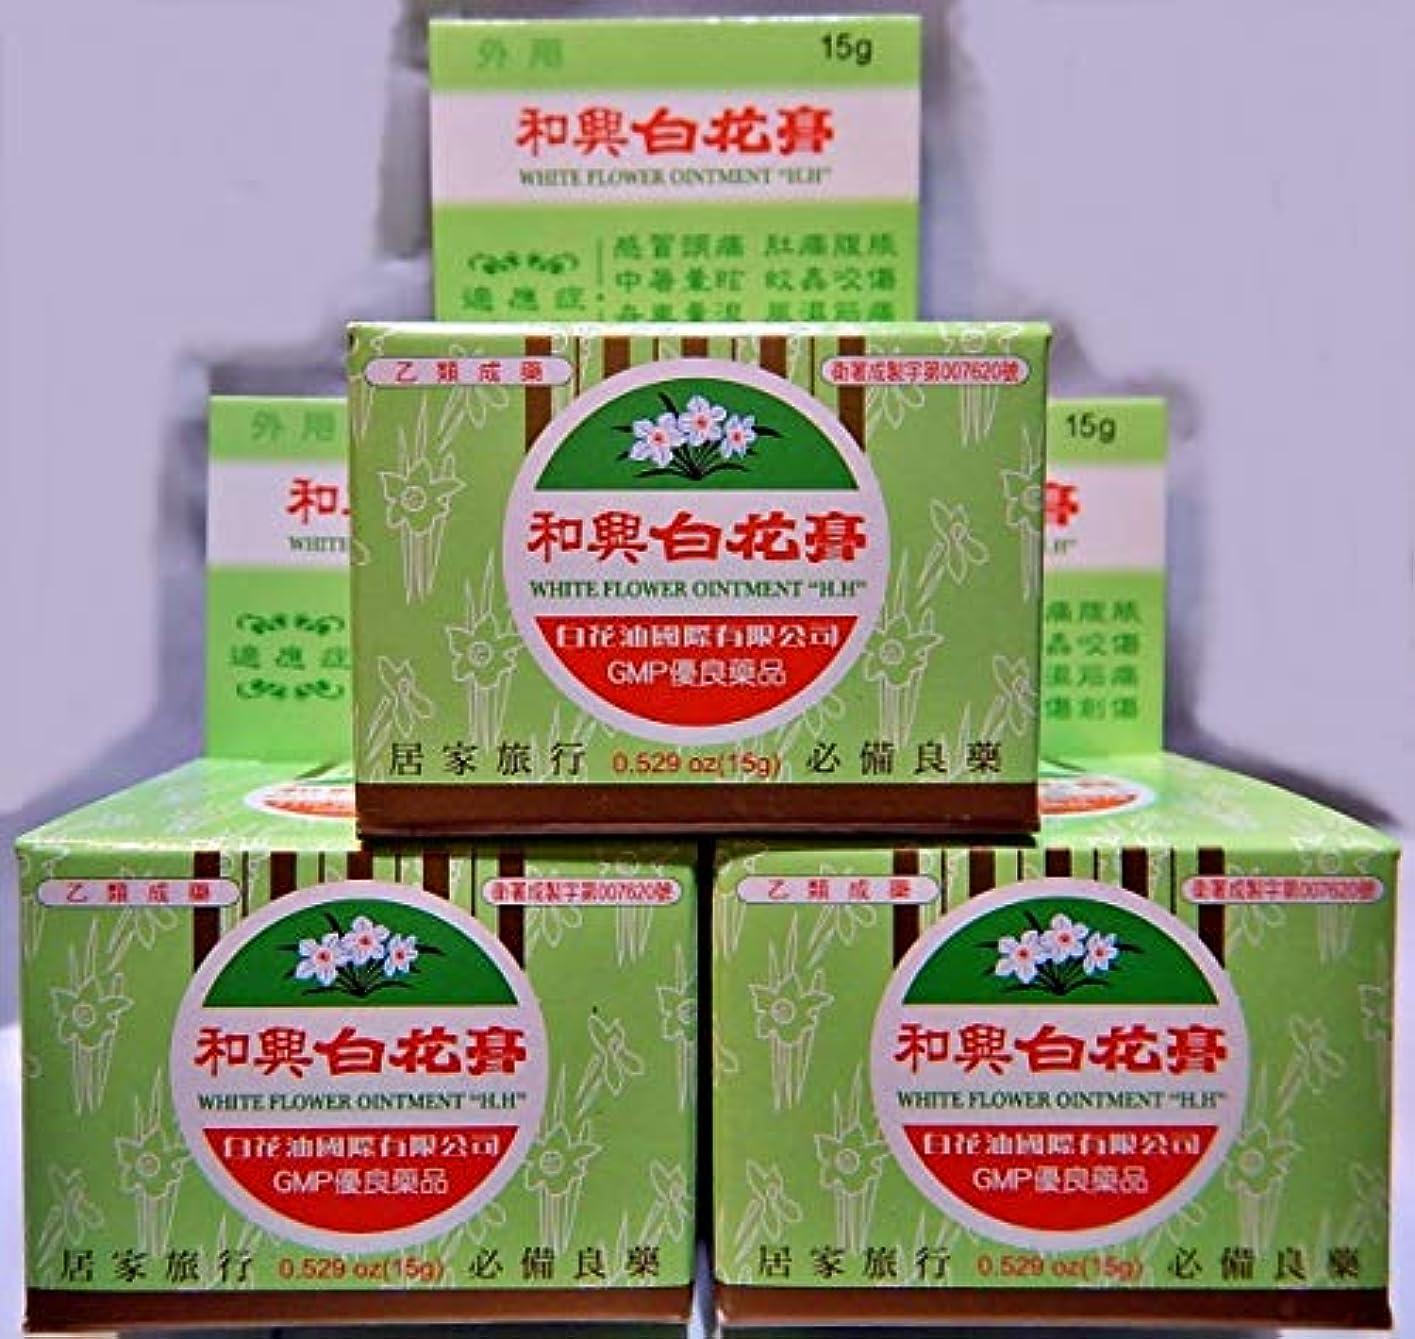 嫌がる利点平方《和興》白花膏 15g(白花油軟膏タイプ)× 3個《台湾 お土産》 [並行輸入品]